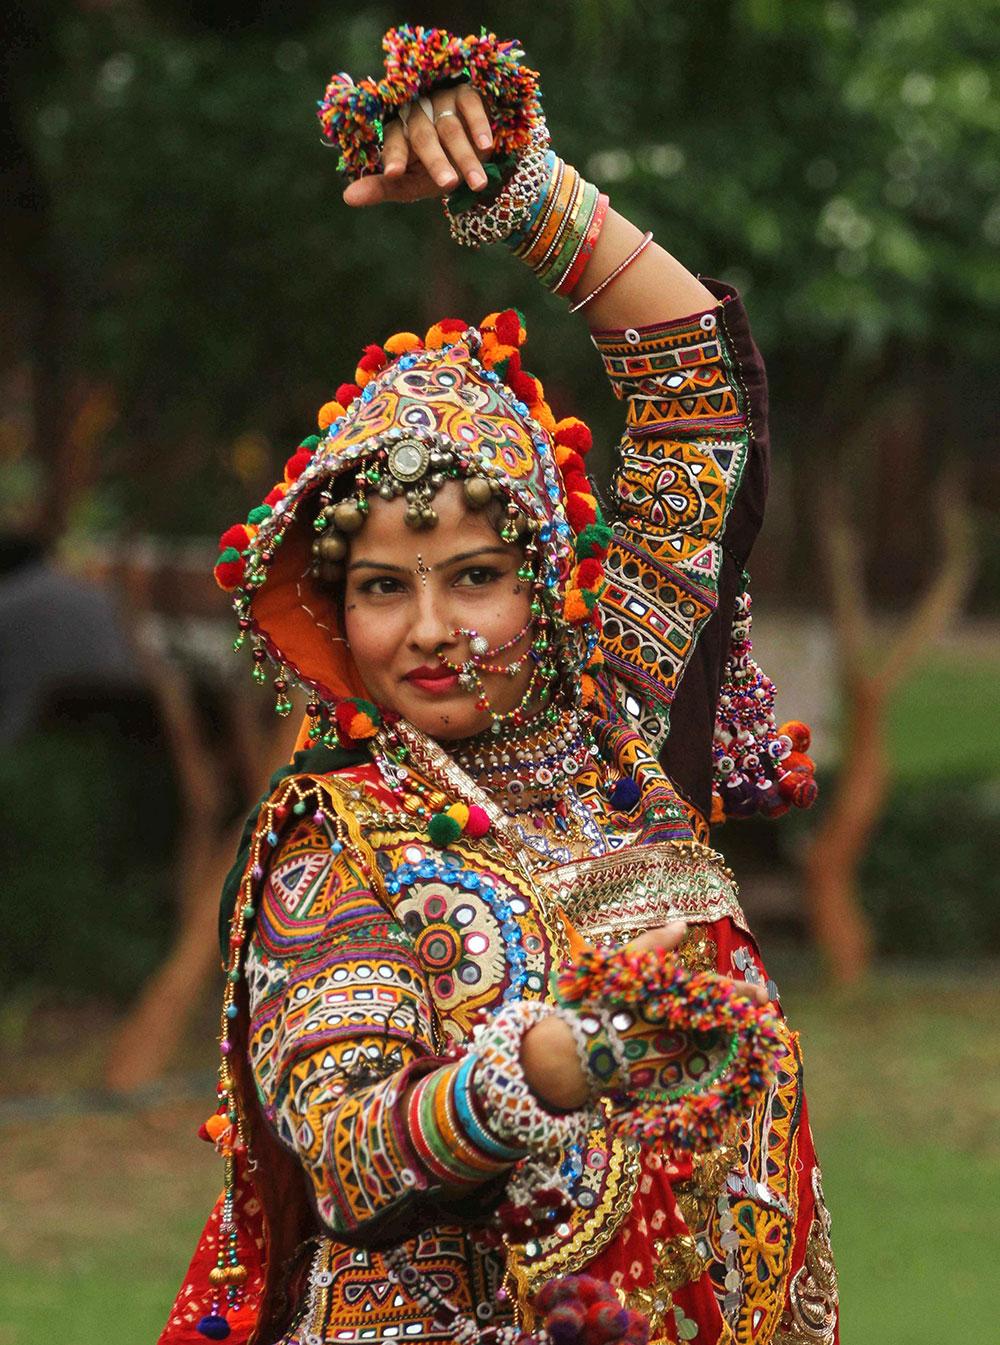 अहमदाबाद में गरबा नृत्य के लिए पारंपरिक परिधान में एक महिला।